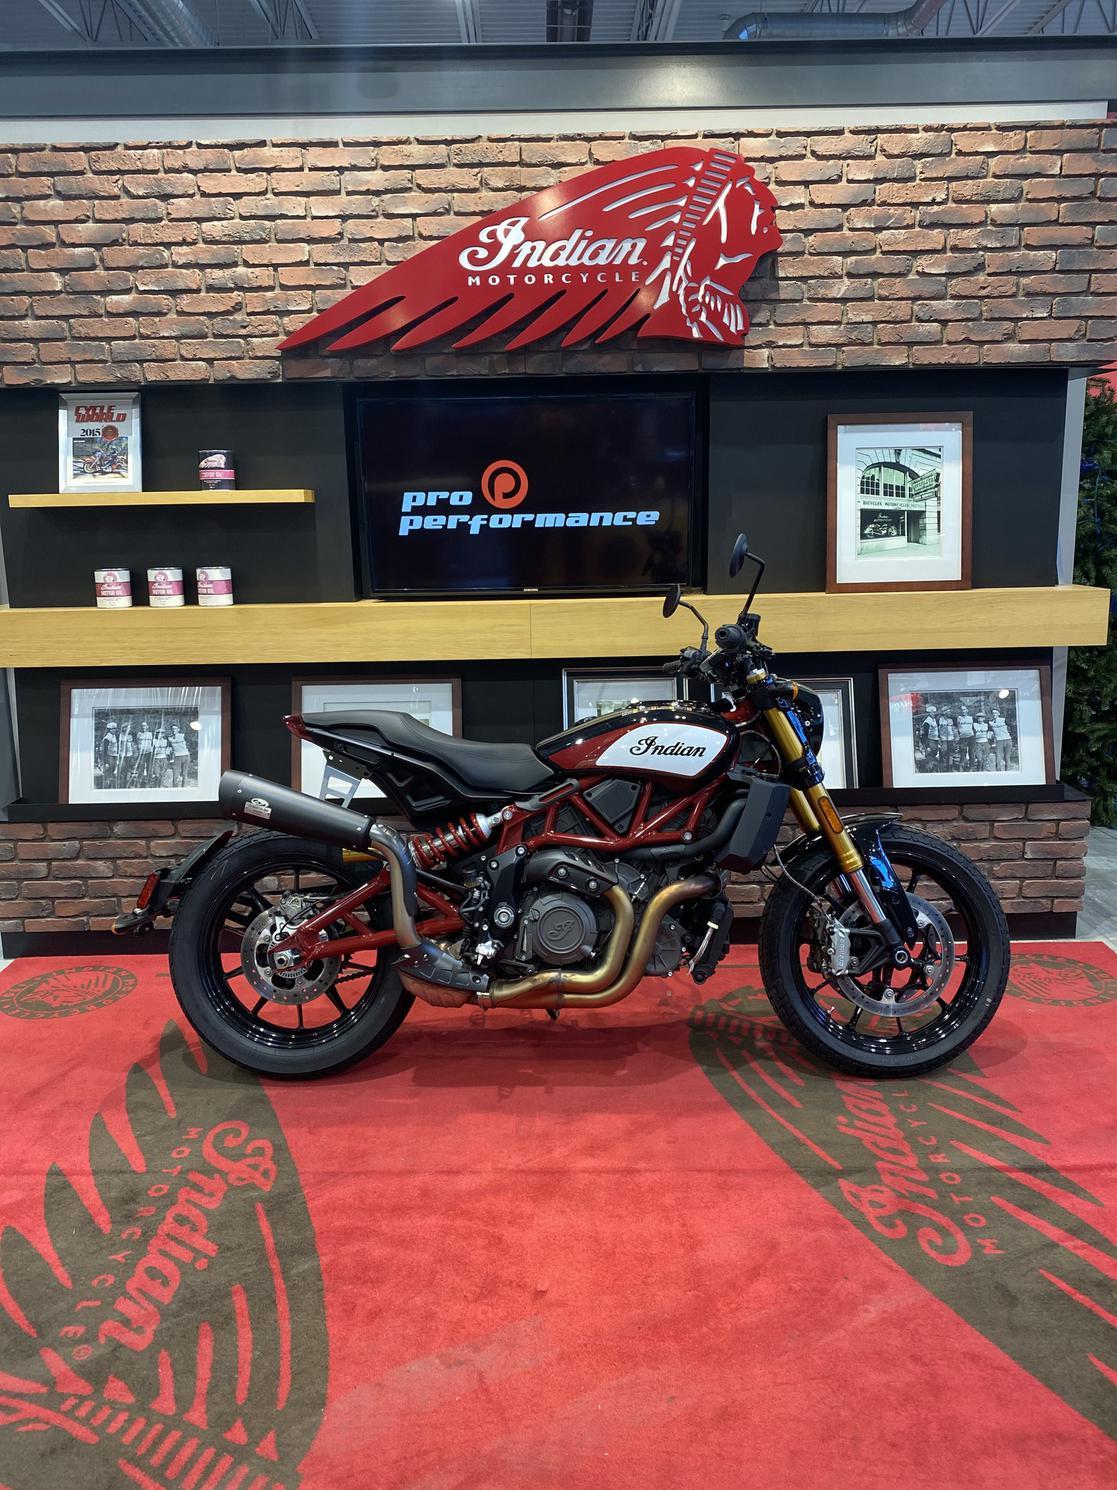 Indian Motorcycle FTR 1200 S Race Replica DÉMONSTRATEUR 861 KM 2019 - trsp & prep inclus.